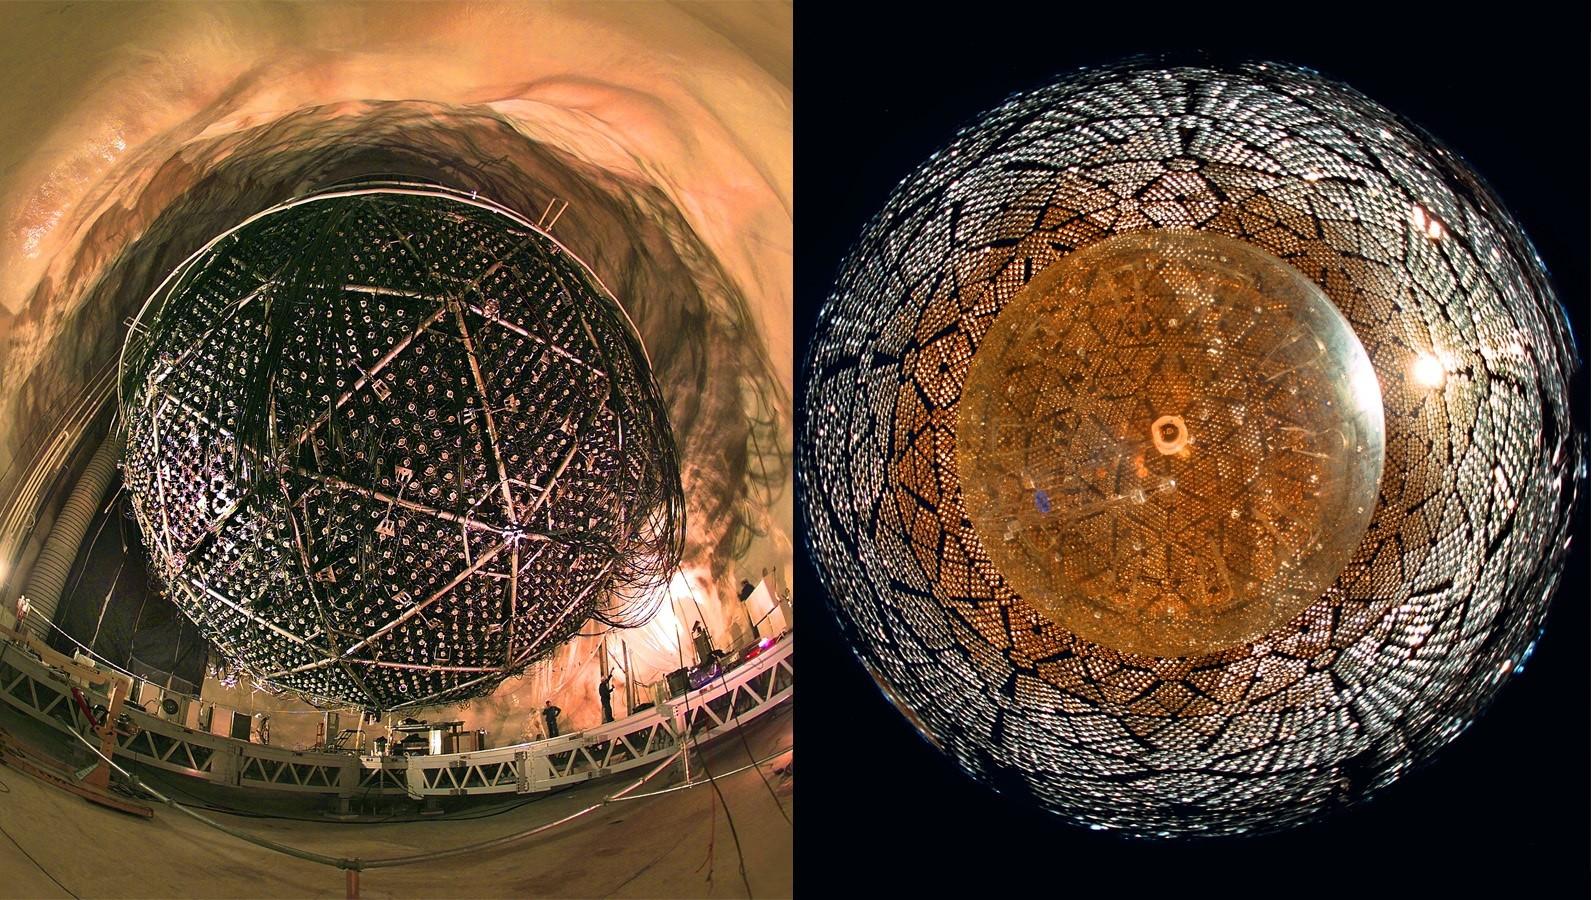 subbury-neutrino-observatory